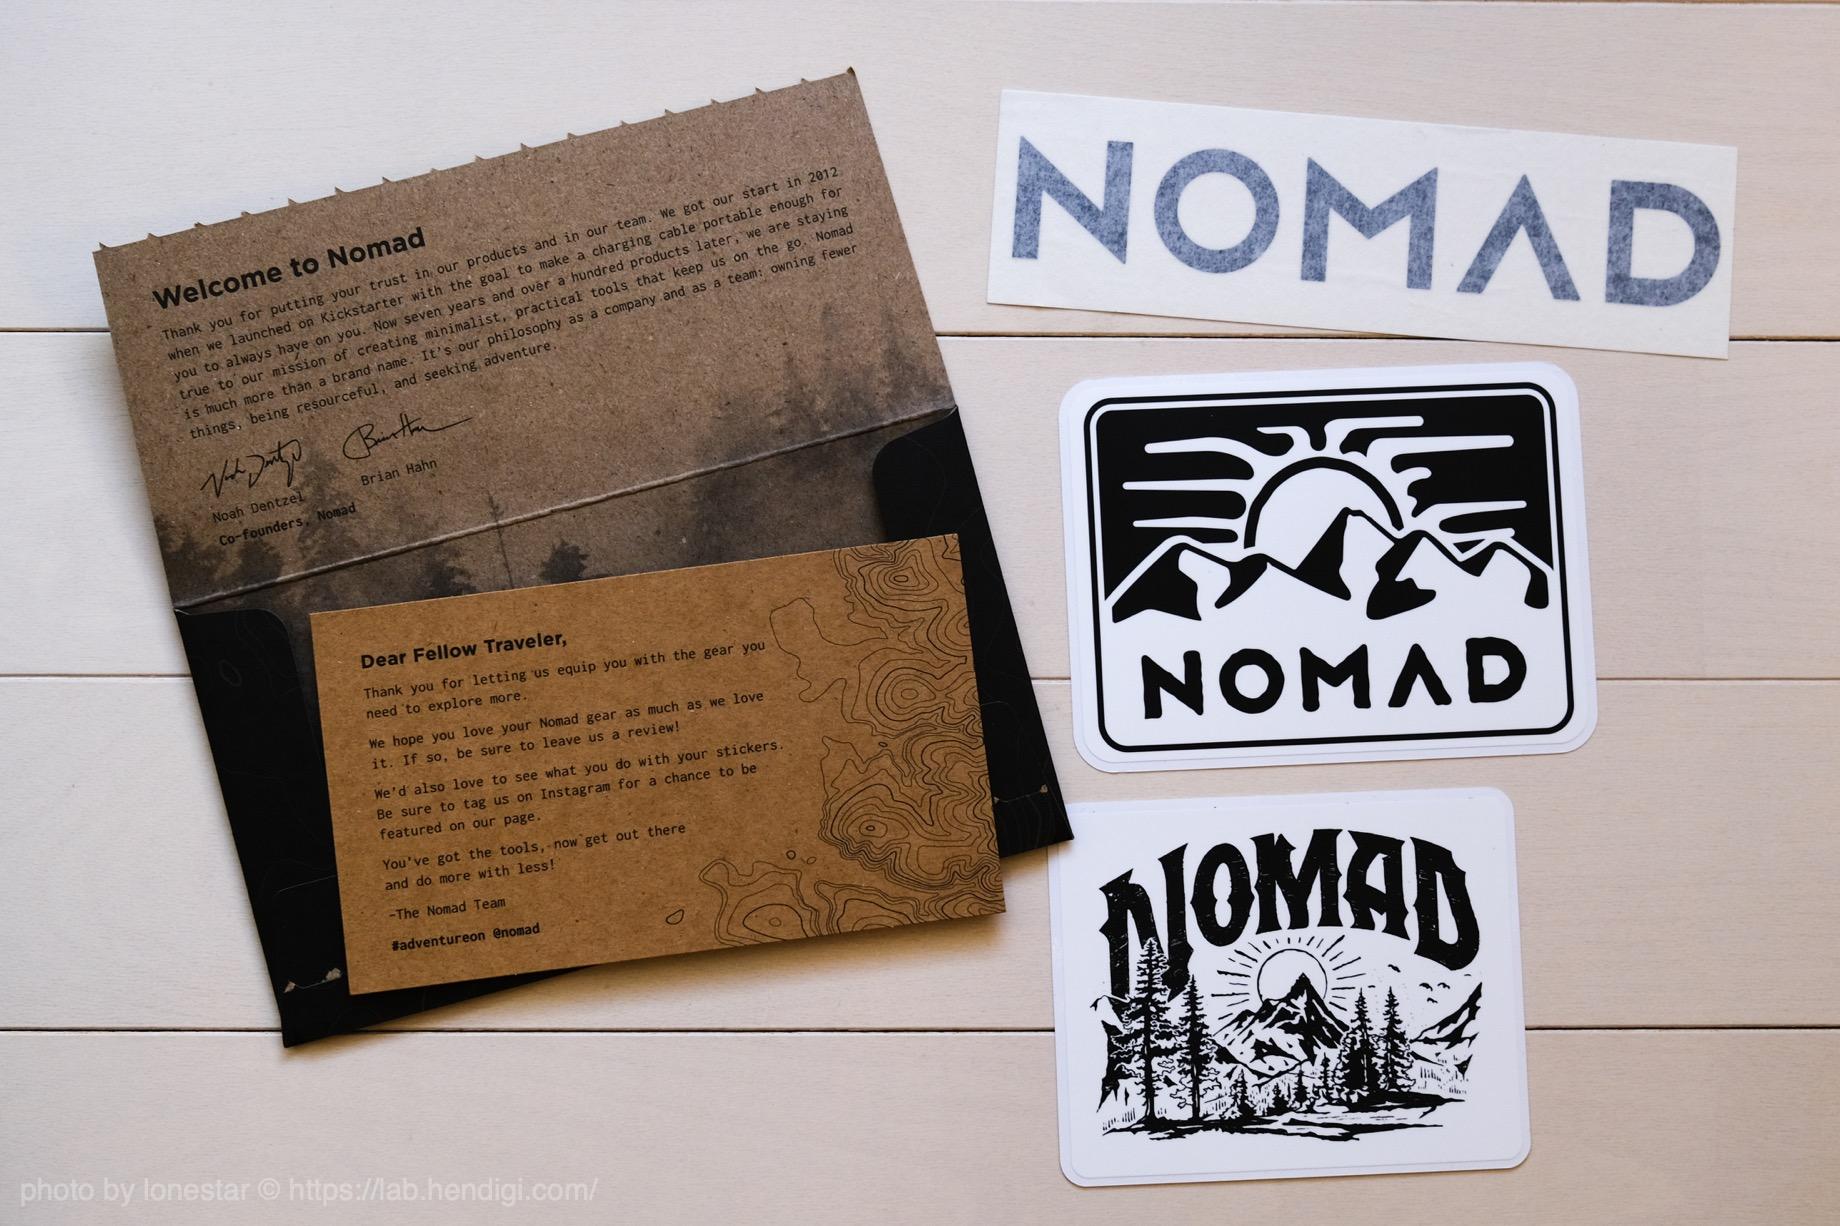 NOMAD ステッカー